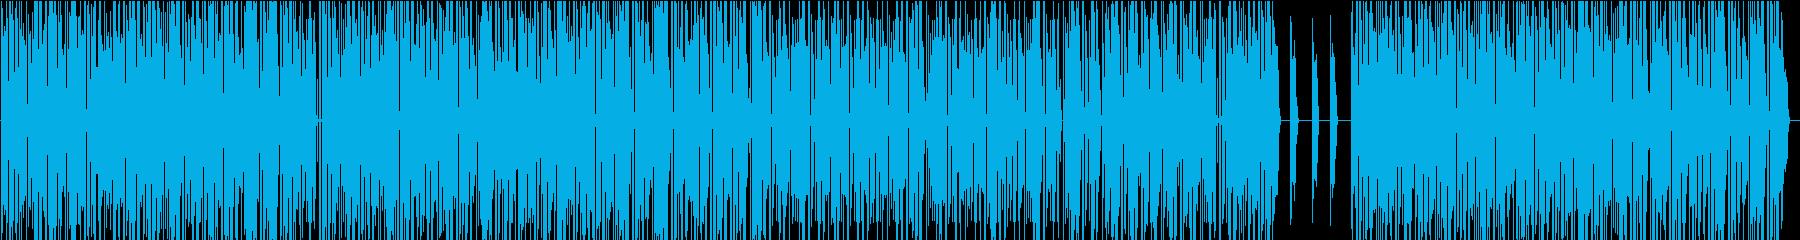 力強いシンセR&B風 の再生済みの波形